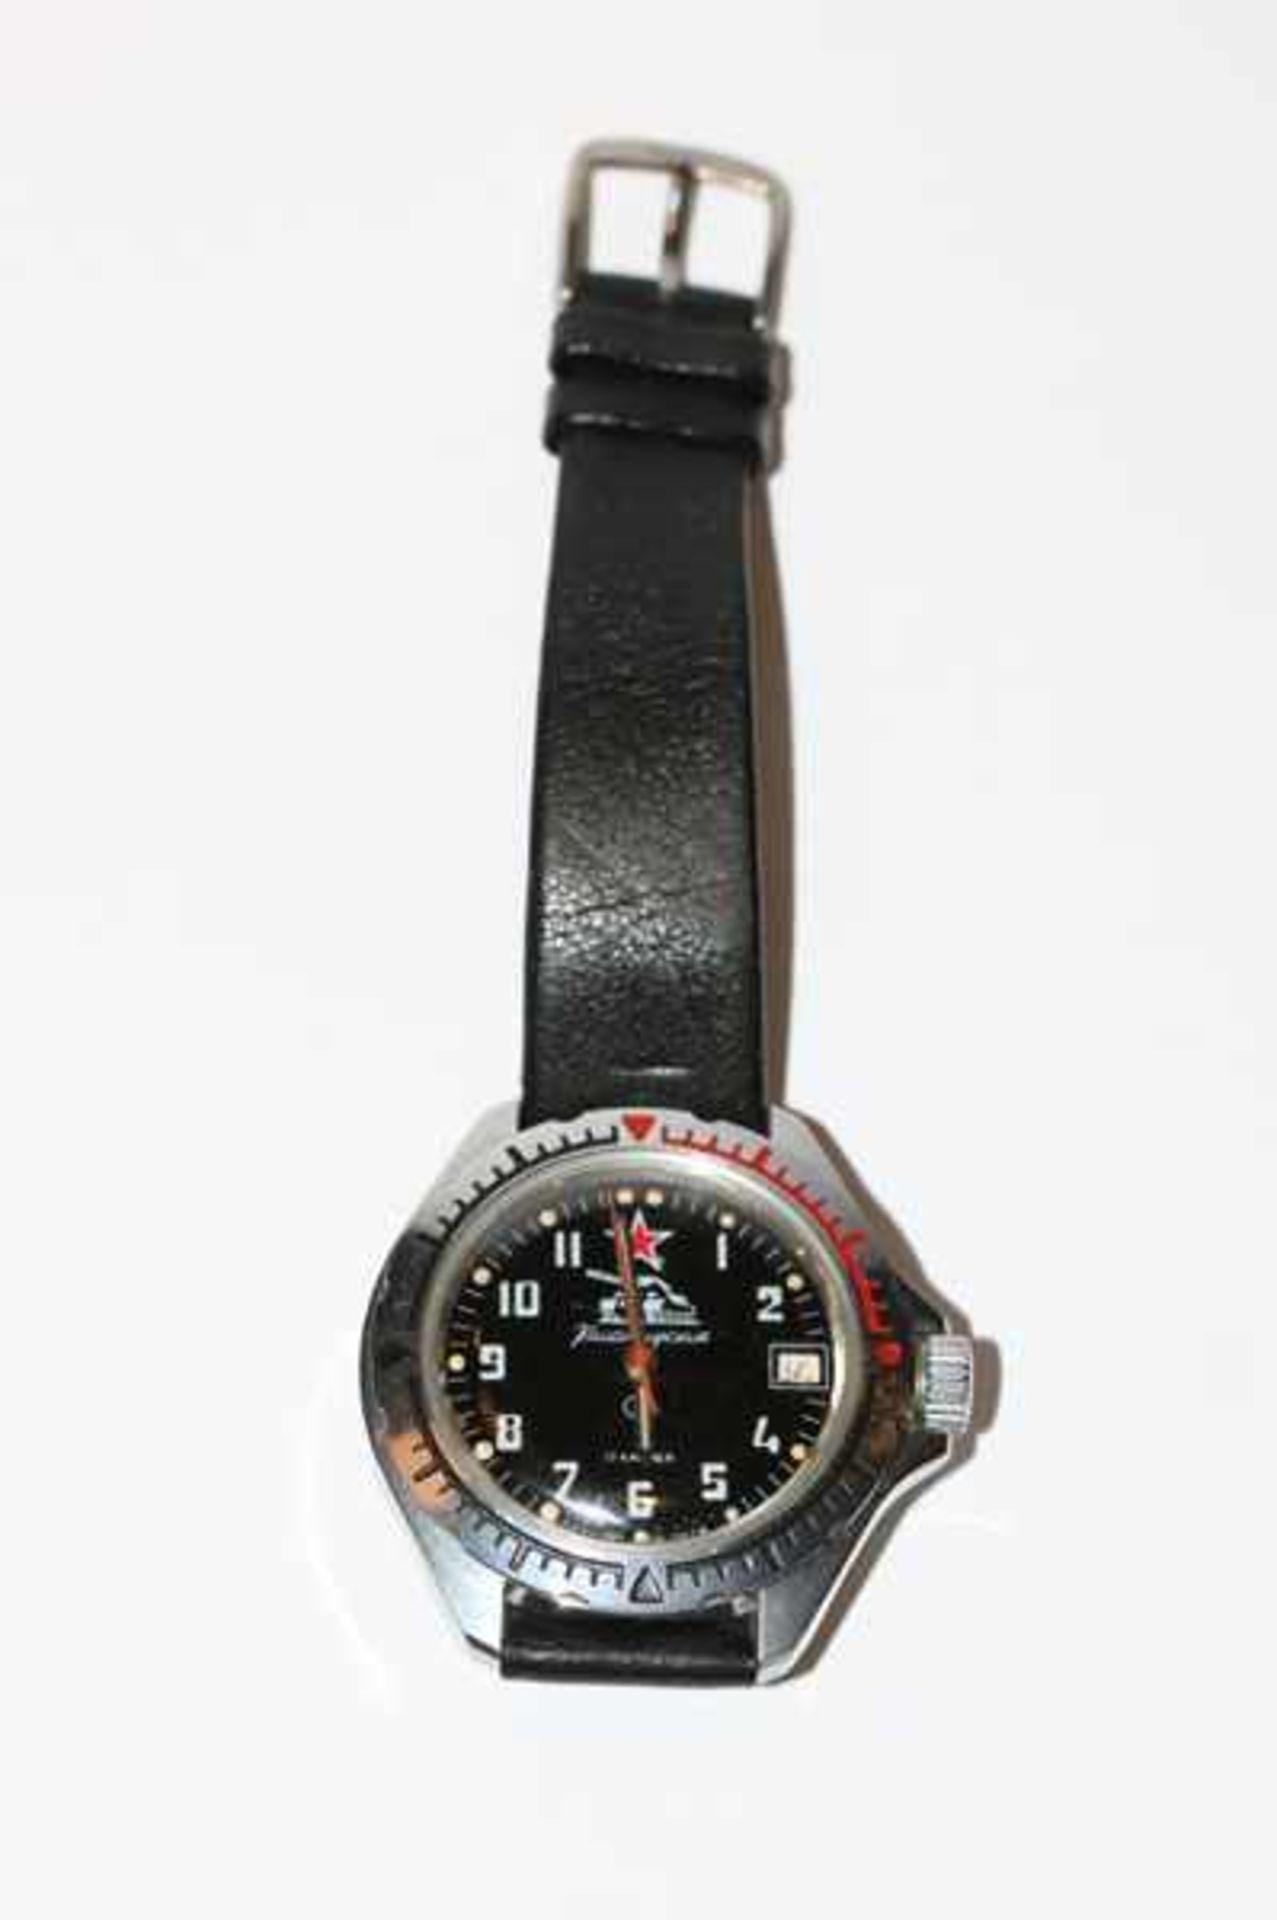 Los 45 - Armbanduhr, Replik einer russischen Panzeruhr ?, an schwarzem Armband, ungeprüft